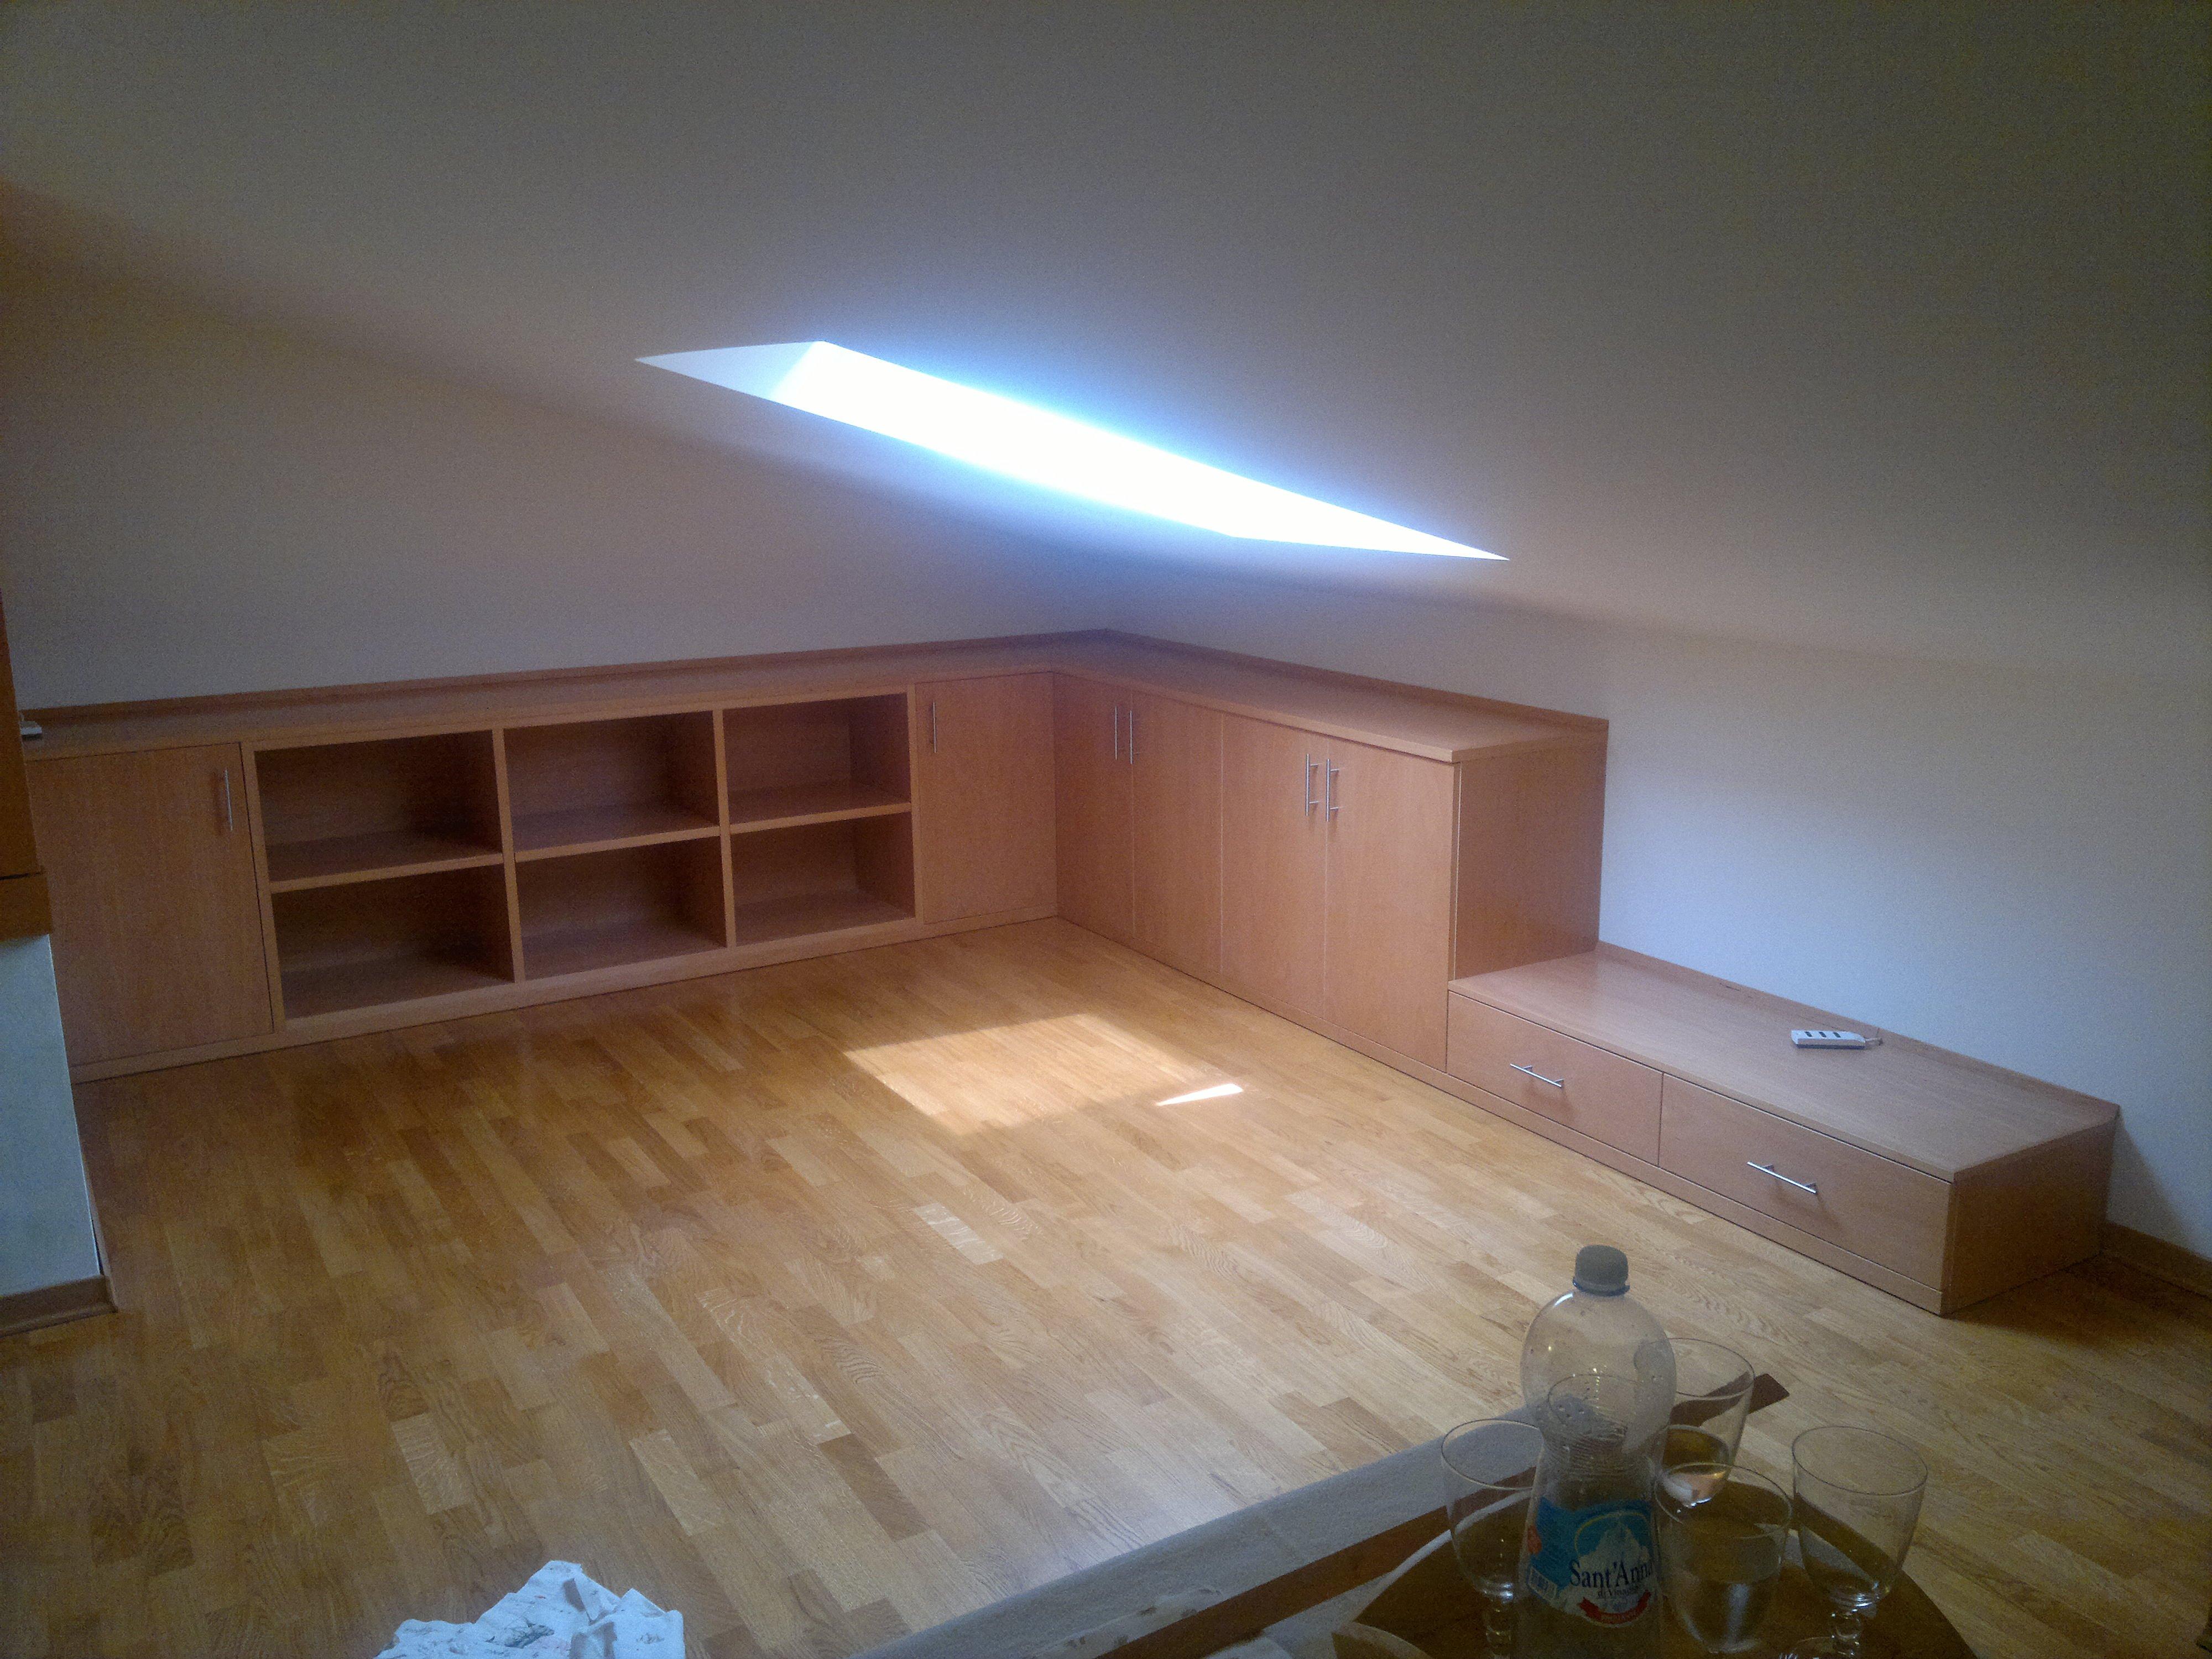 mobili ripostiglio sottoscala mobili sotto tetto mobili per mansarde ...